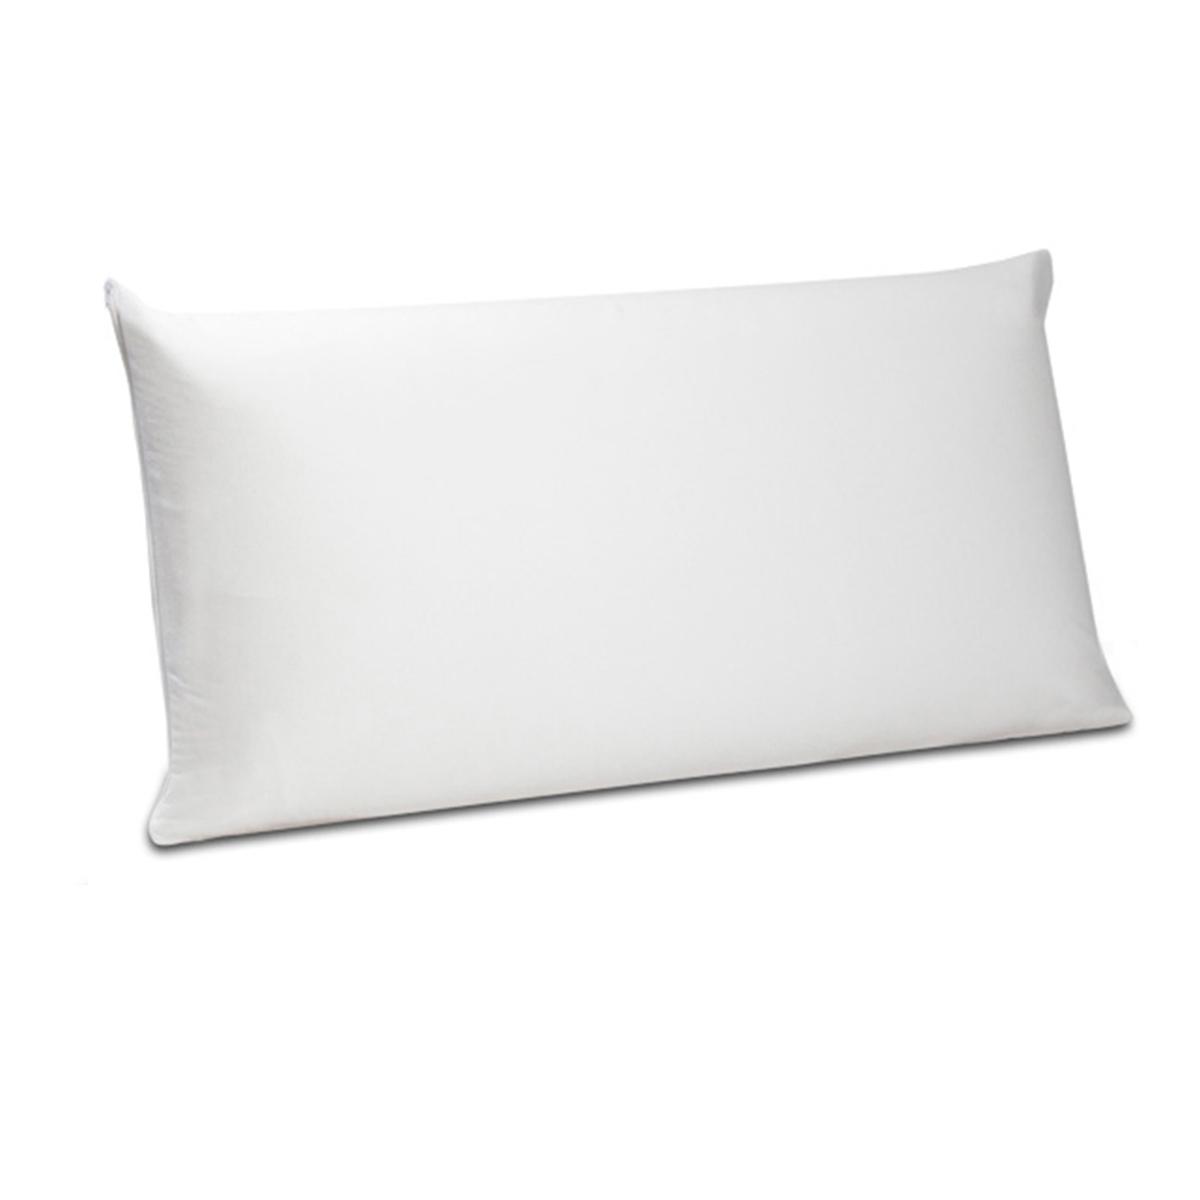 Чехол защитный непромокаемый на подушку из 100% биохлопкаХарактеристики защитного чехла на подушку из 100% биохлопка :Джерси, 100% биохлопок (135 г/м?) со слоем полиуретановой пленки (40 г/м2), прозрачной и дышащей.Застежка на молнию.Машинная стирка при температуре до 60 °С.<br><br>Цвет: экрю